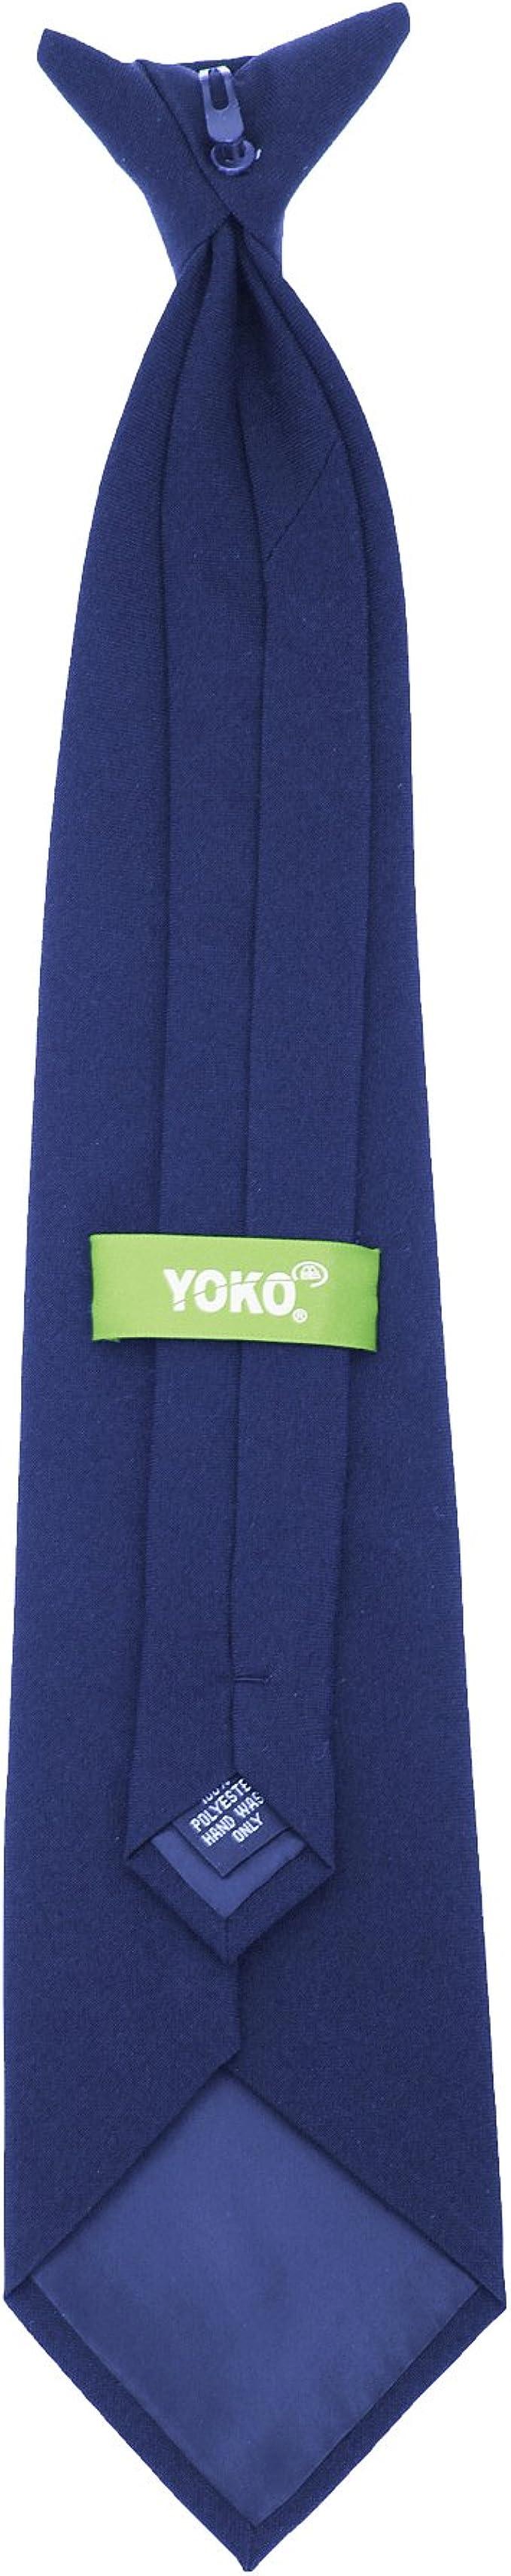 Yoko - Corbata Quita y Pon Modelo Clip-on - Trabajo: Amazon.es ...